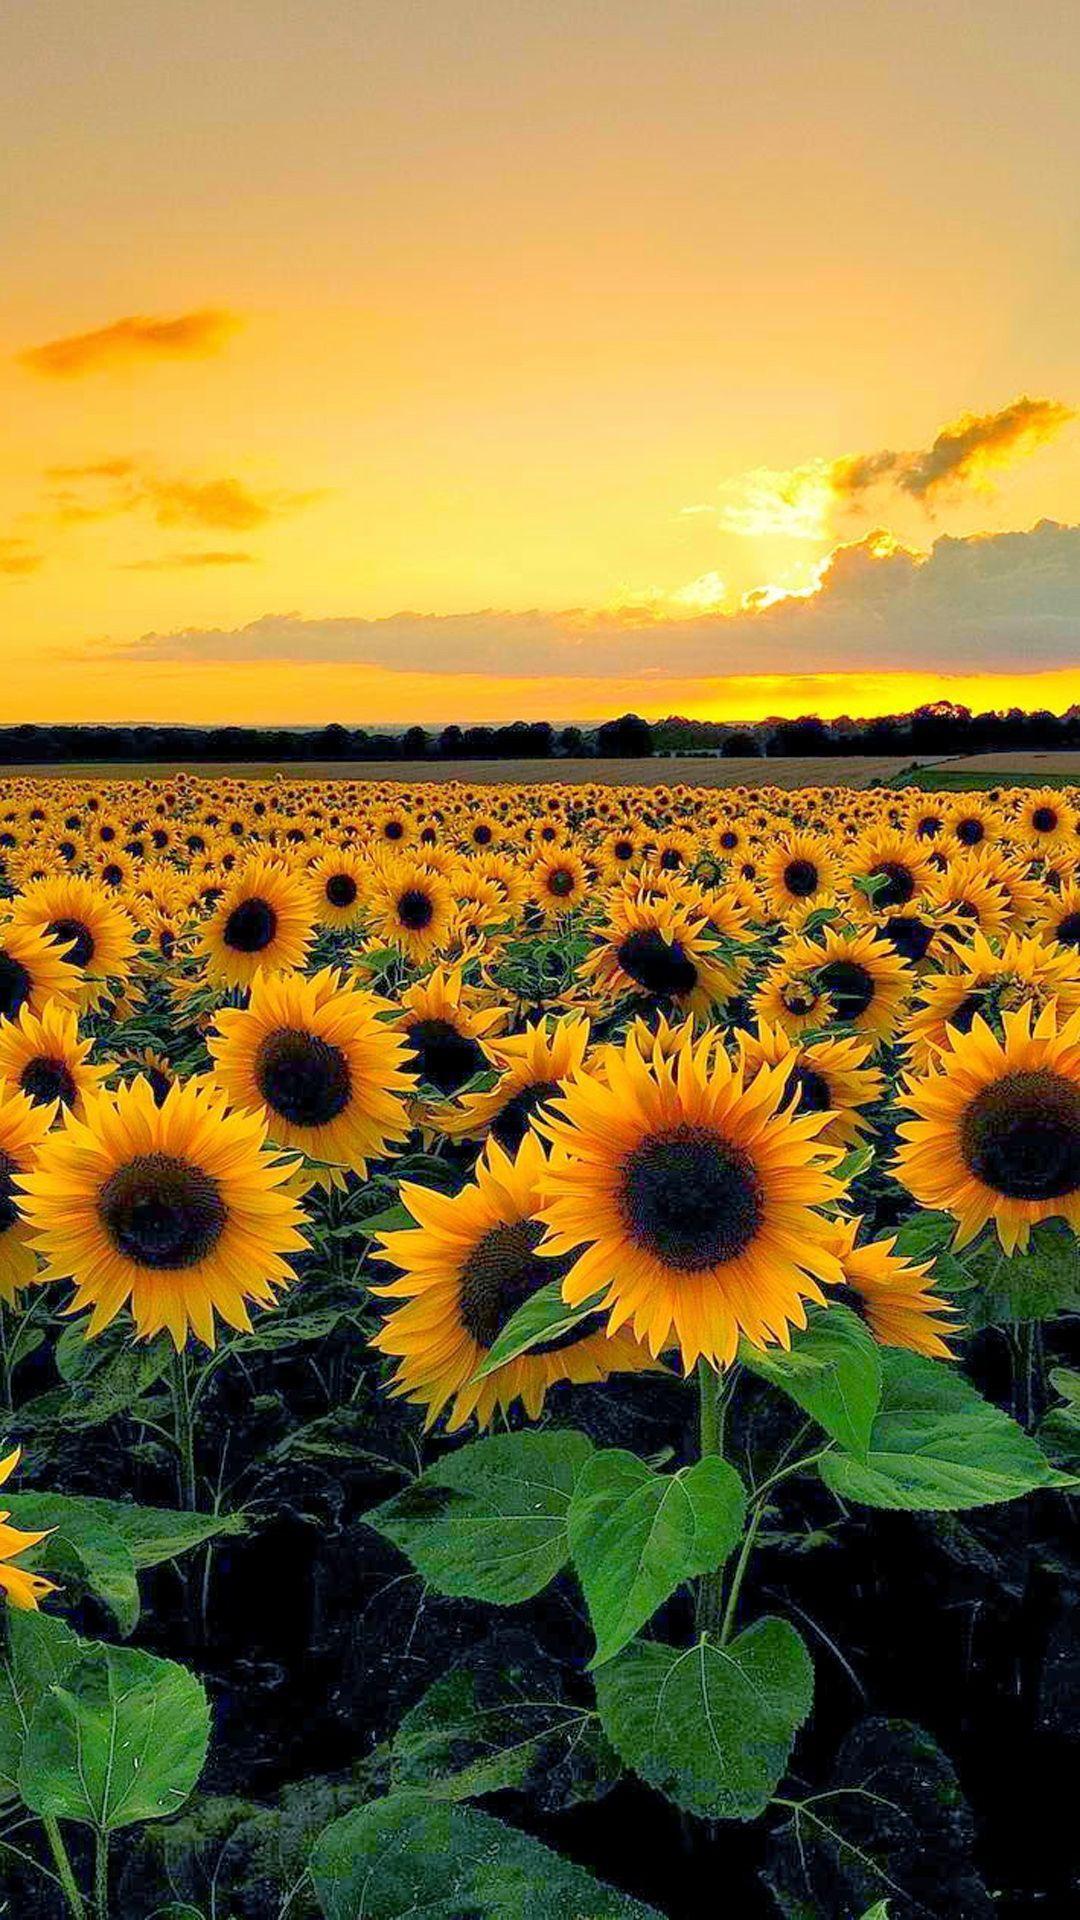 Sunflower Field Wallpapers Wallpaper Cave